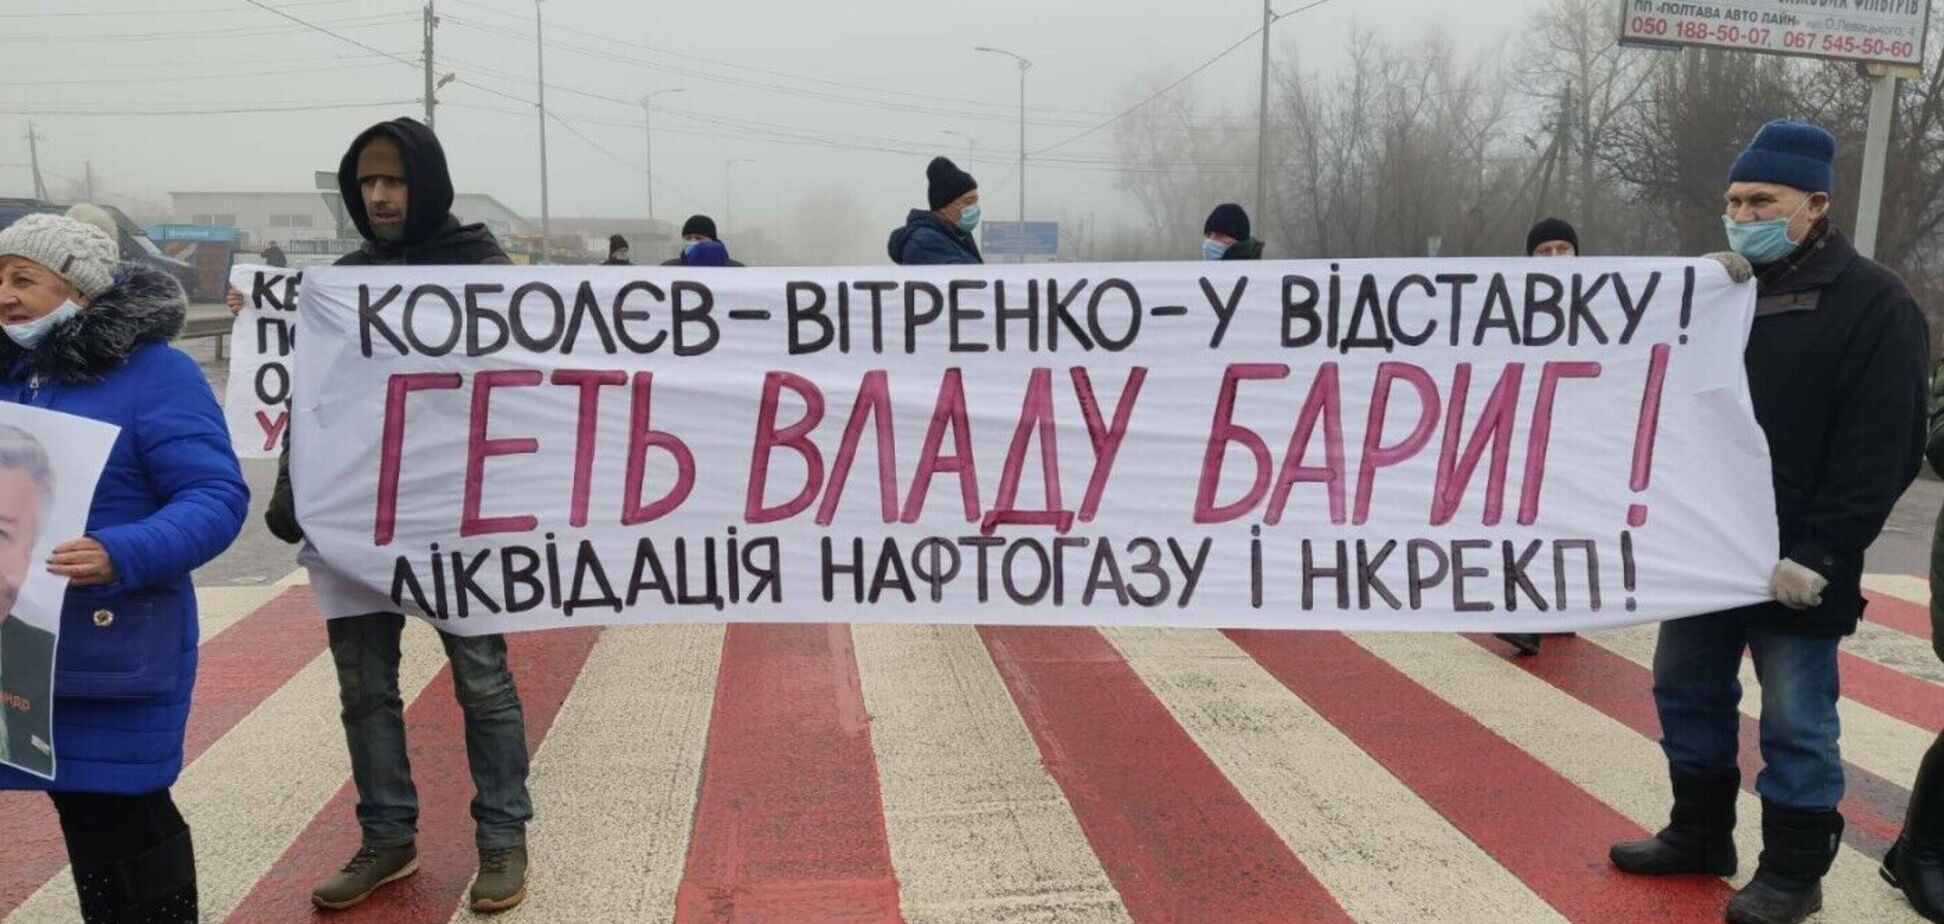 Протестувальники проти високих тарифів перекрили держтраси України і дісталися до дачі Зеленського: фото і відео